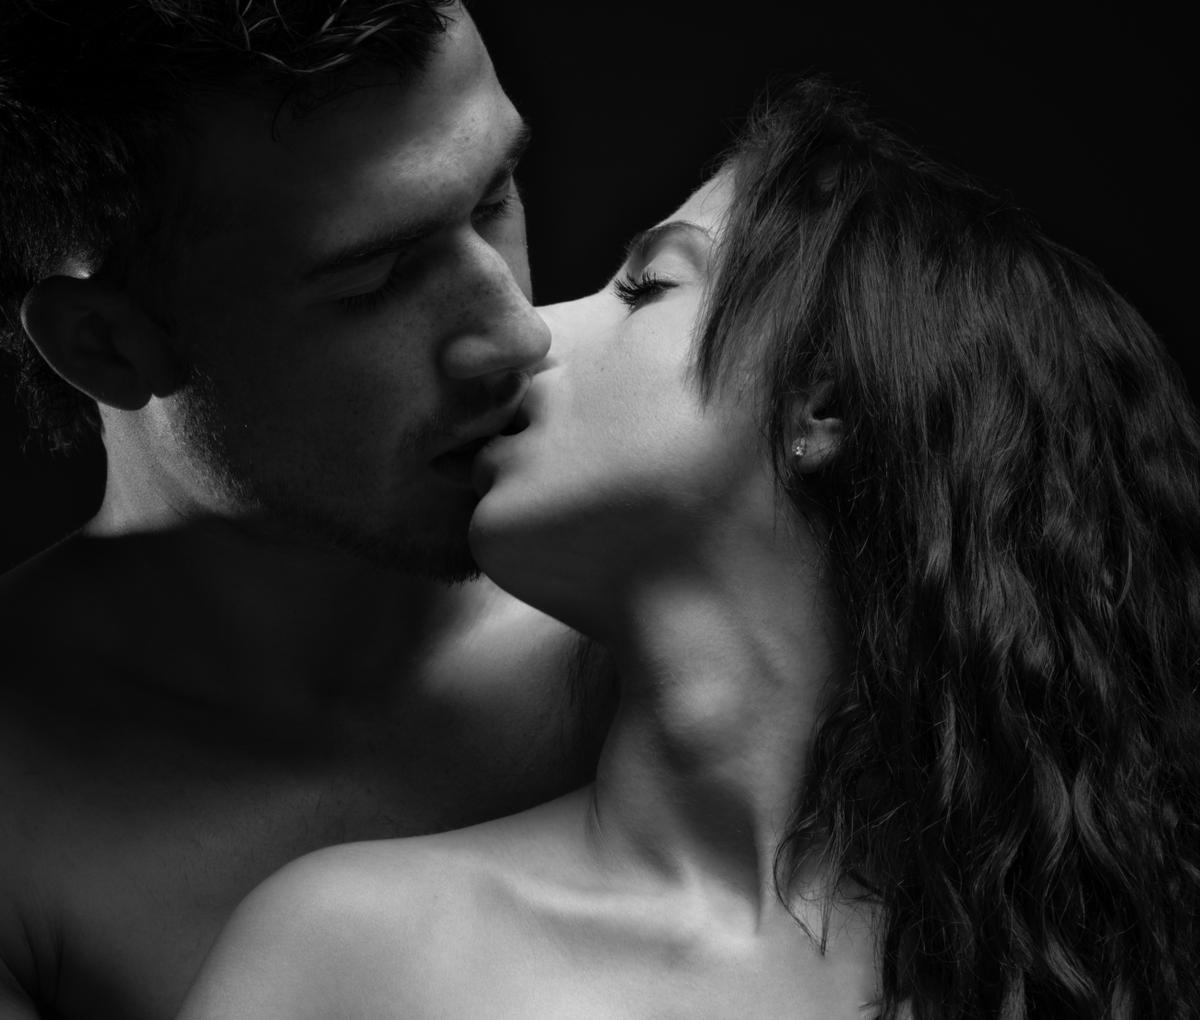 Поцелуй страсть фото картинки